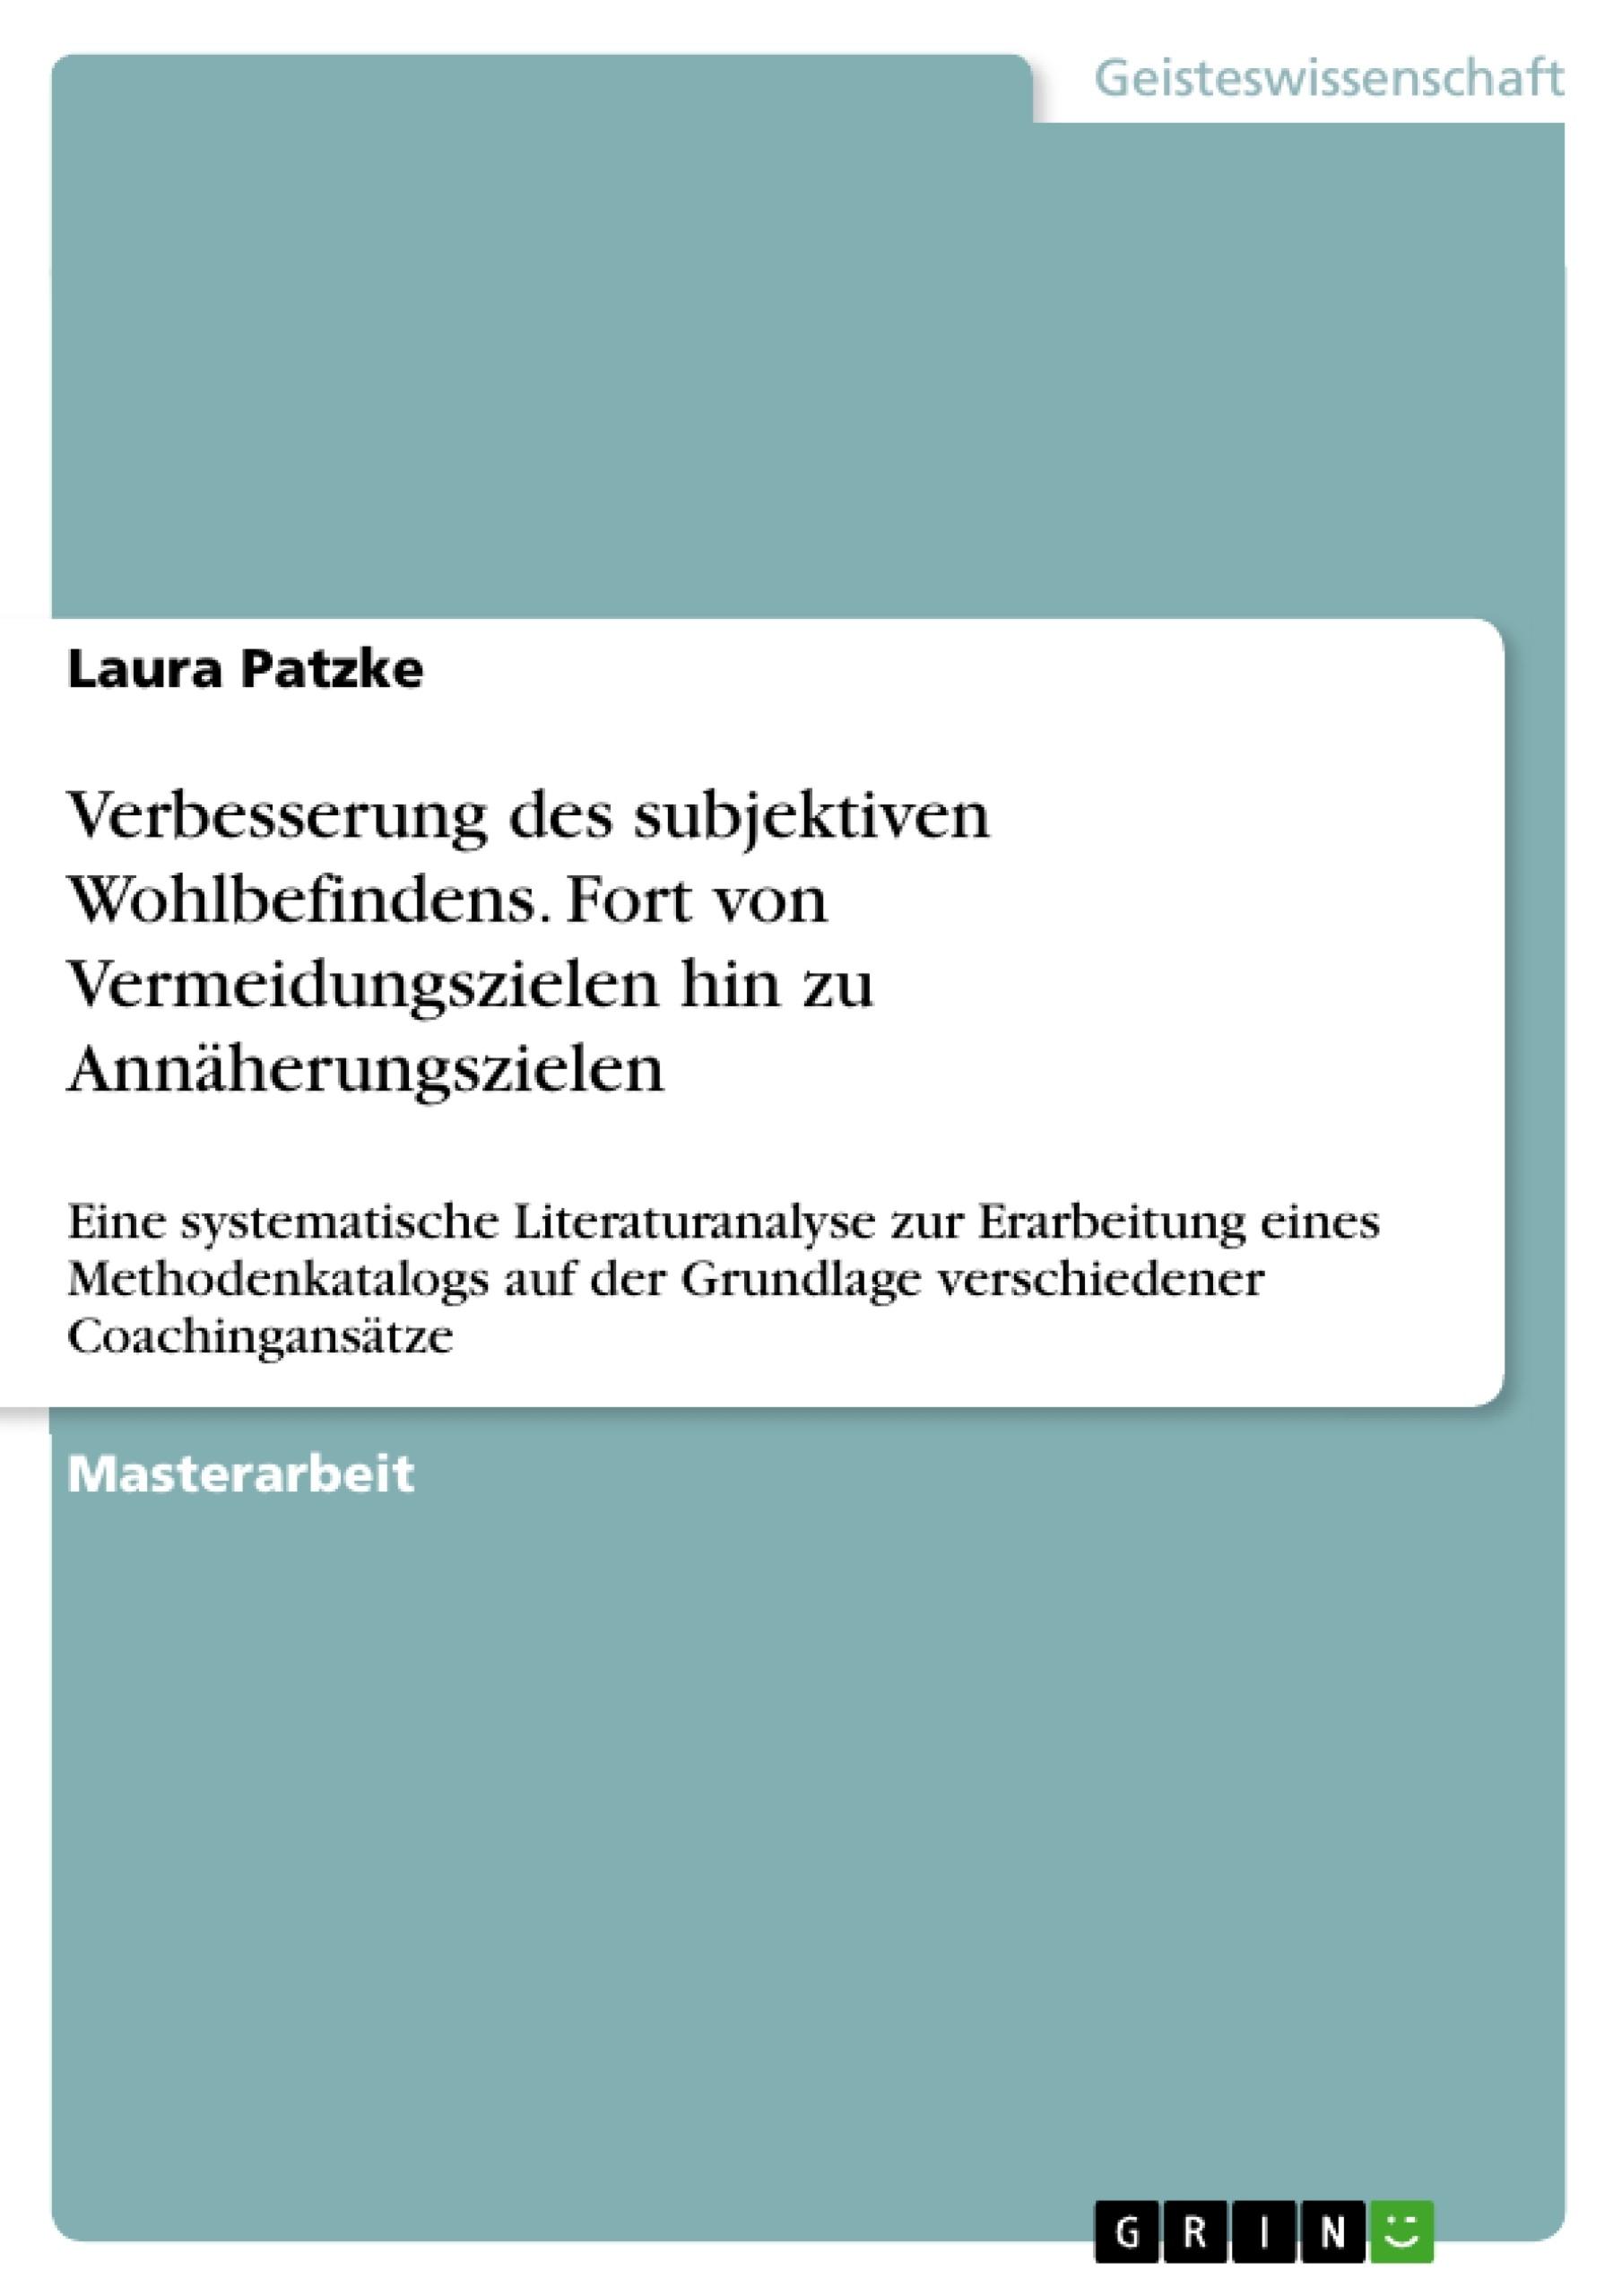 Titel: Verbesserung des subjektiven Wohlbefindens. Fort von Vermeidungszielen hin zu Annäherungszielen